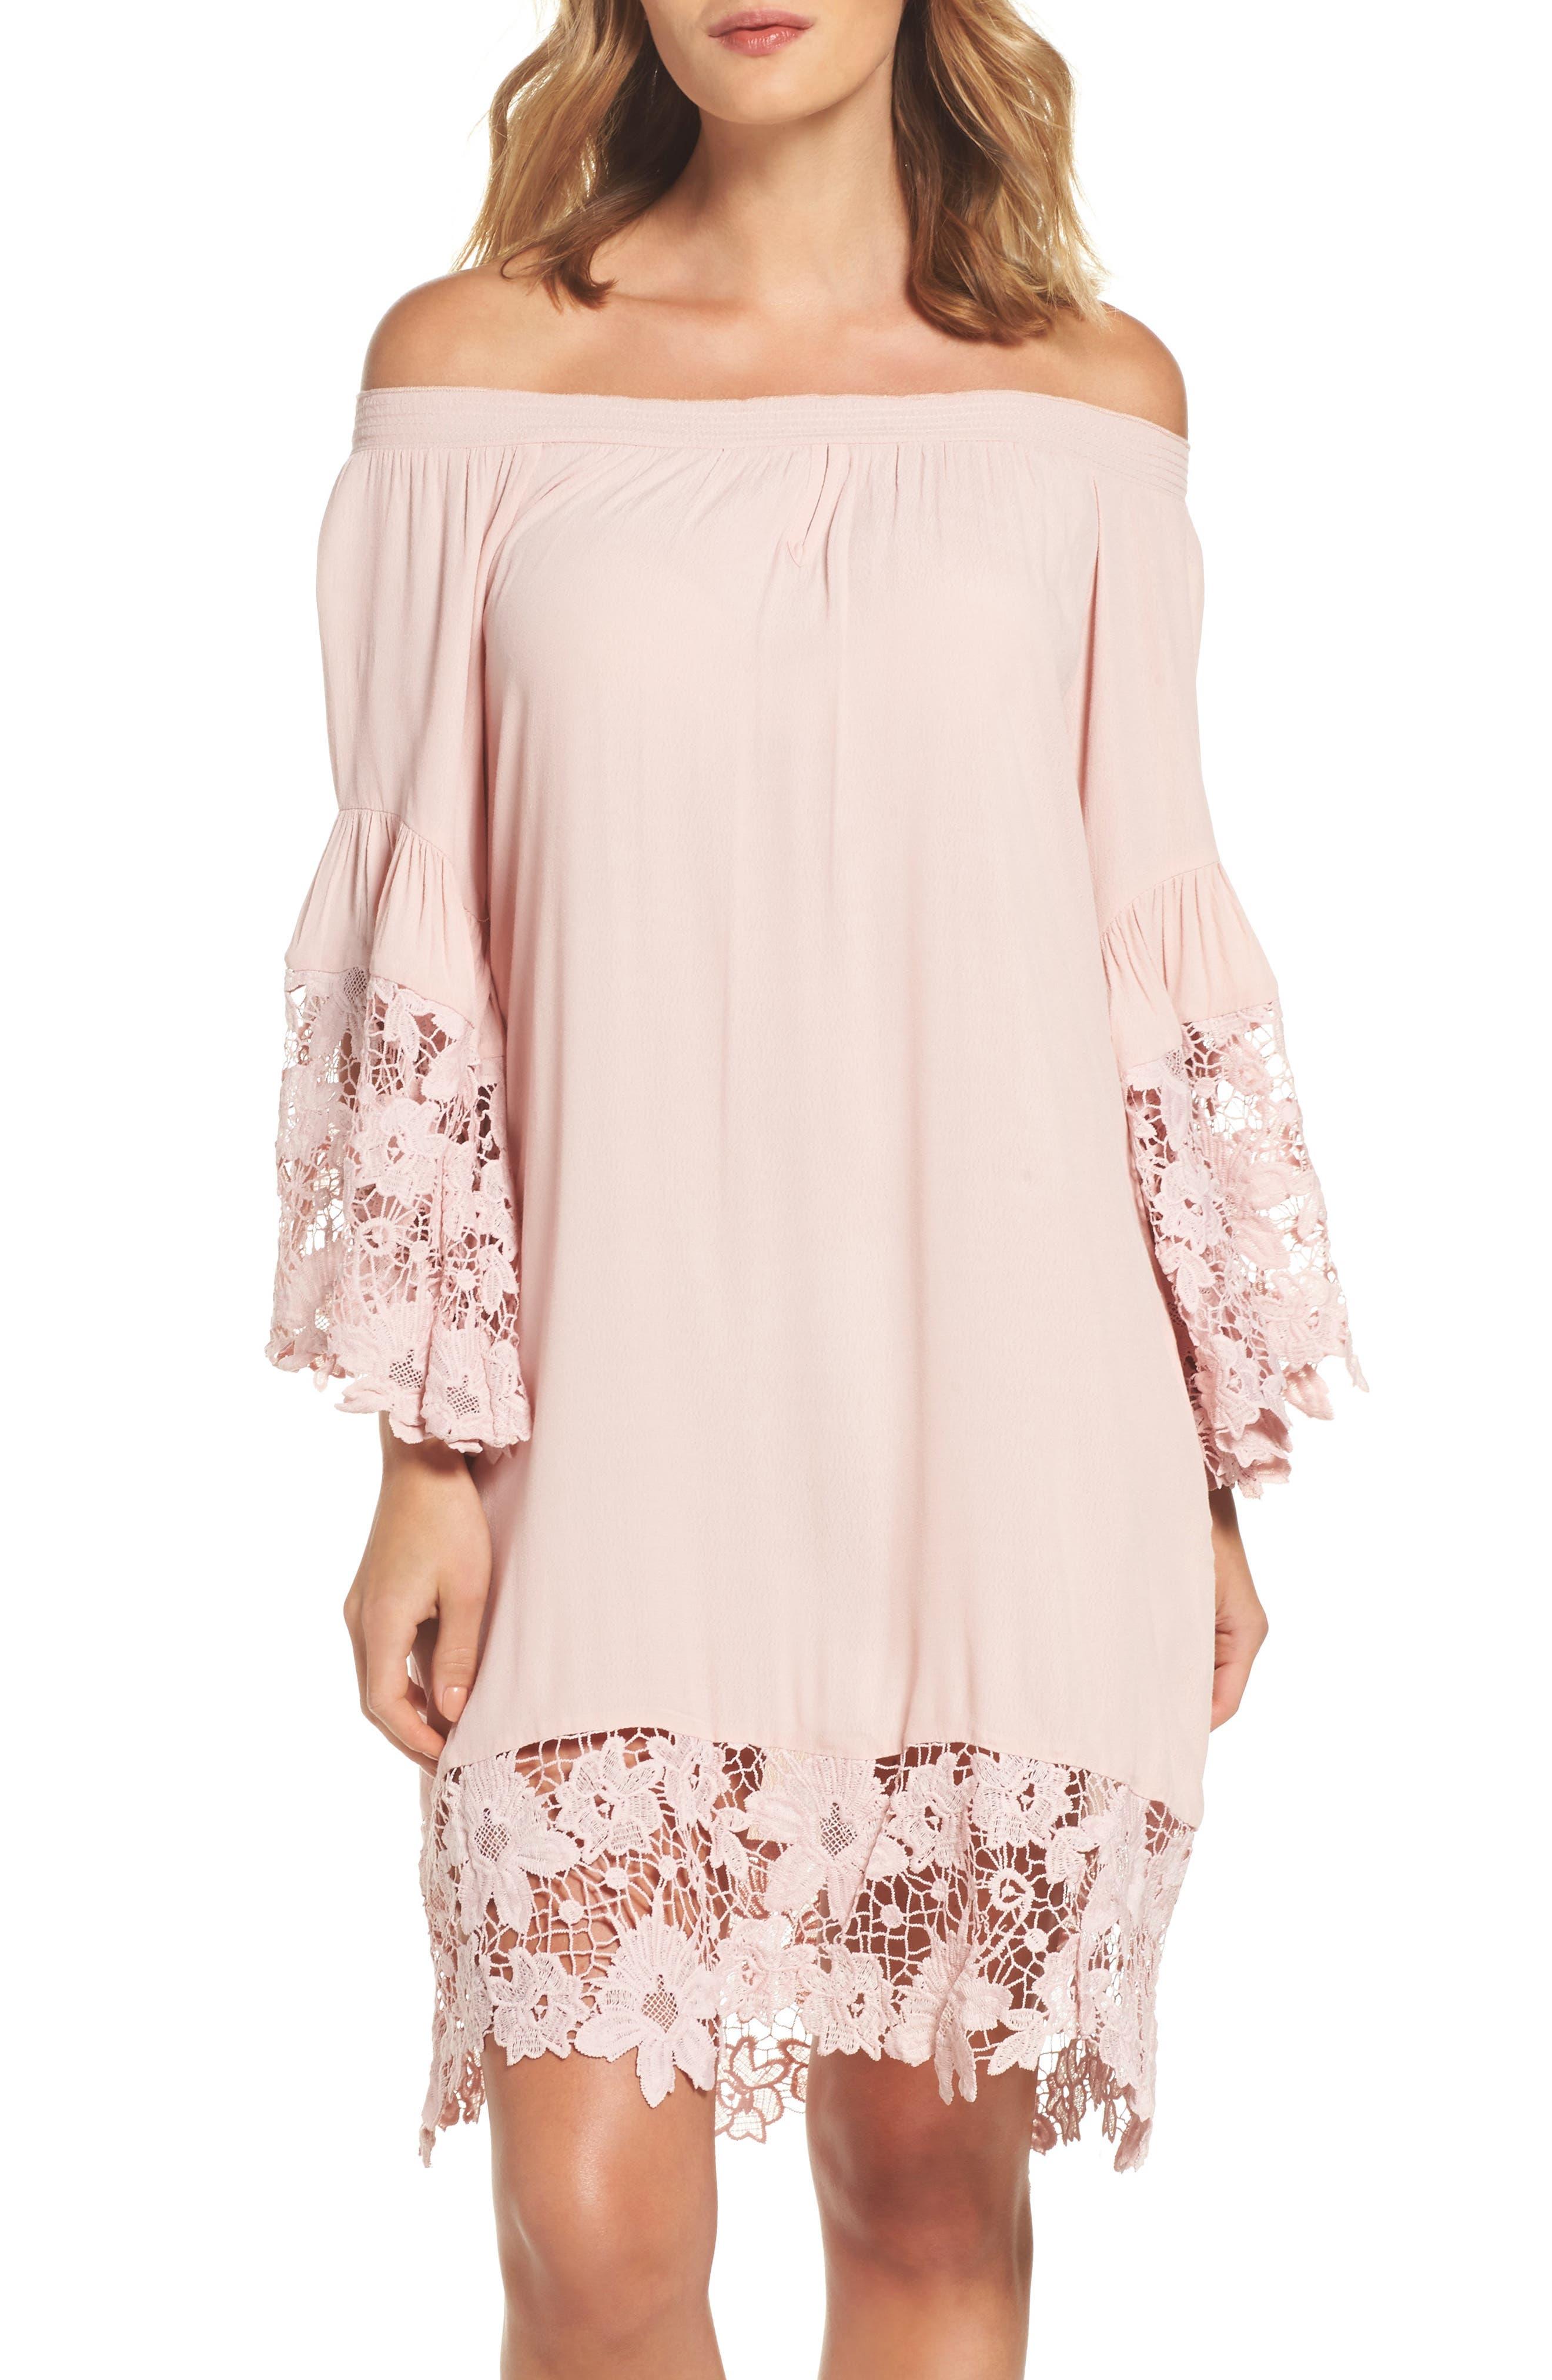 Main Image - Muche et Muchette Jolie Lace Accent Cover-Up Dress